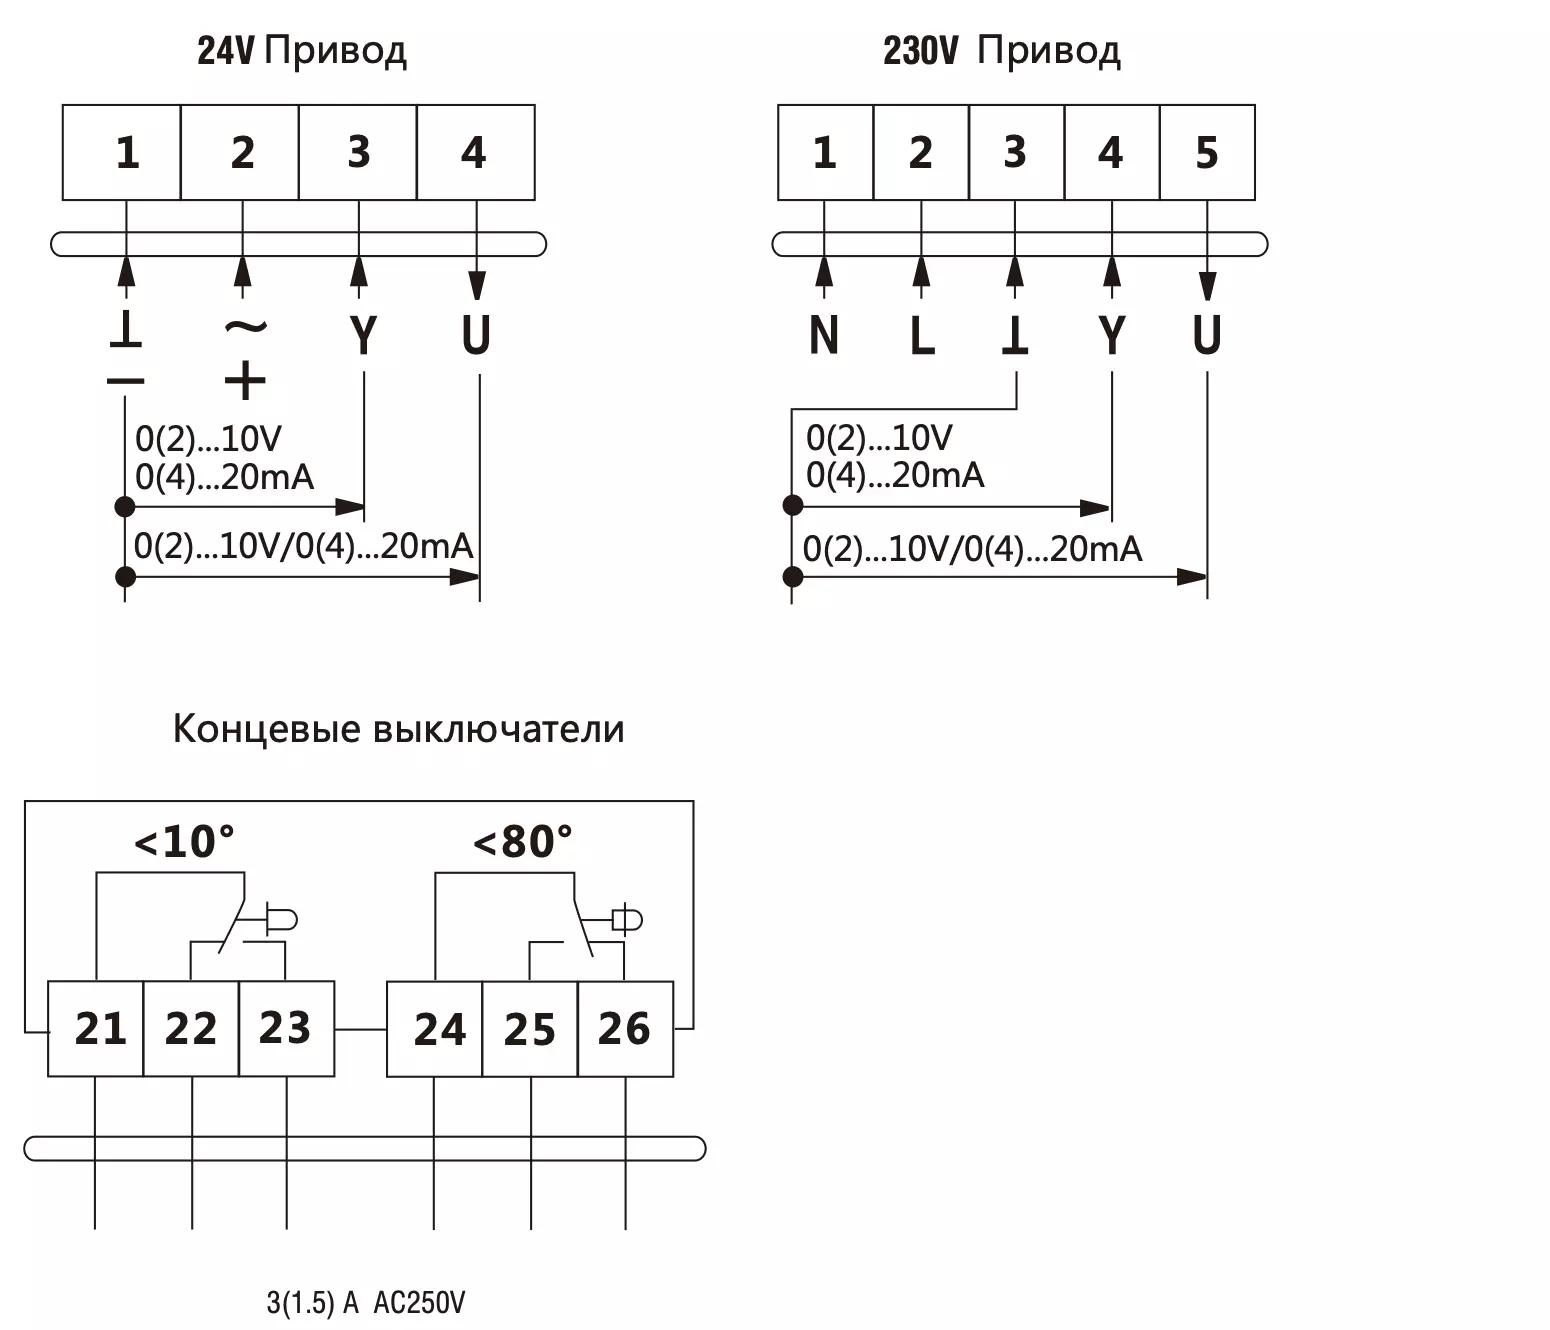 da4mu230-a схема подключения